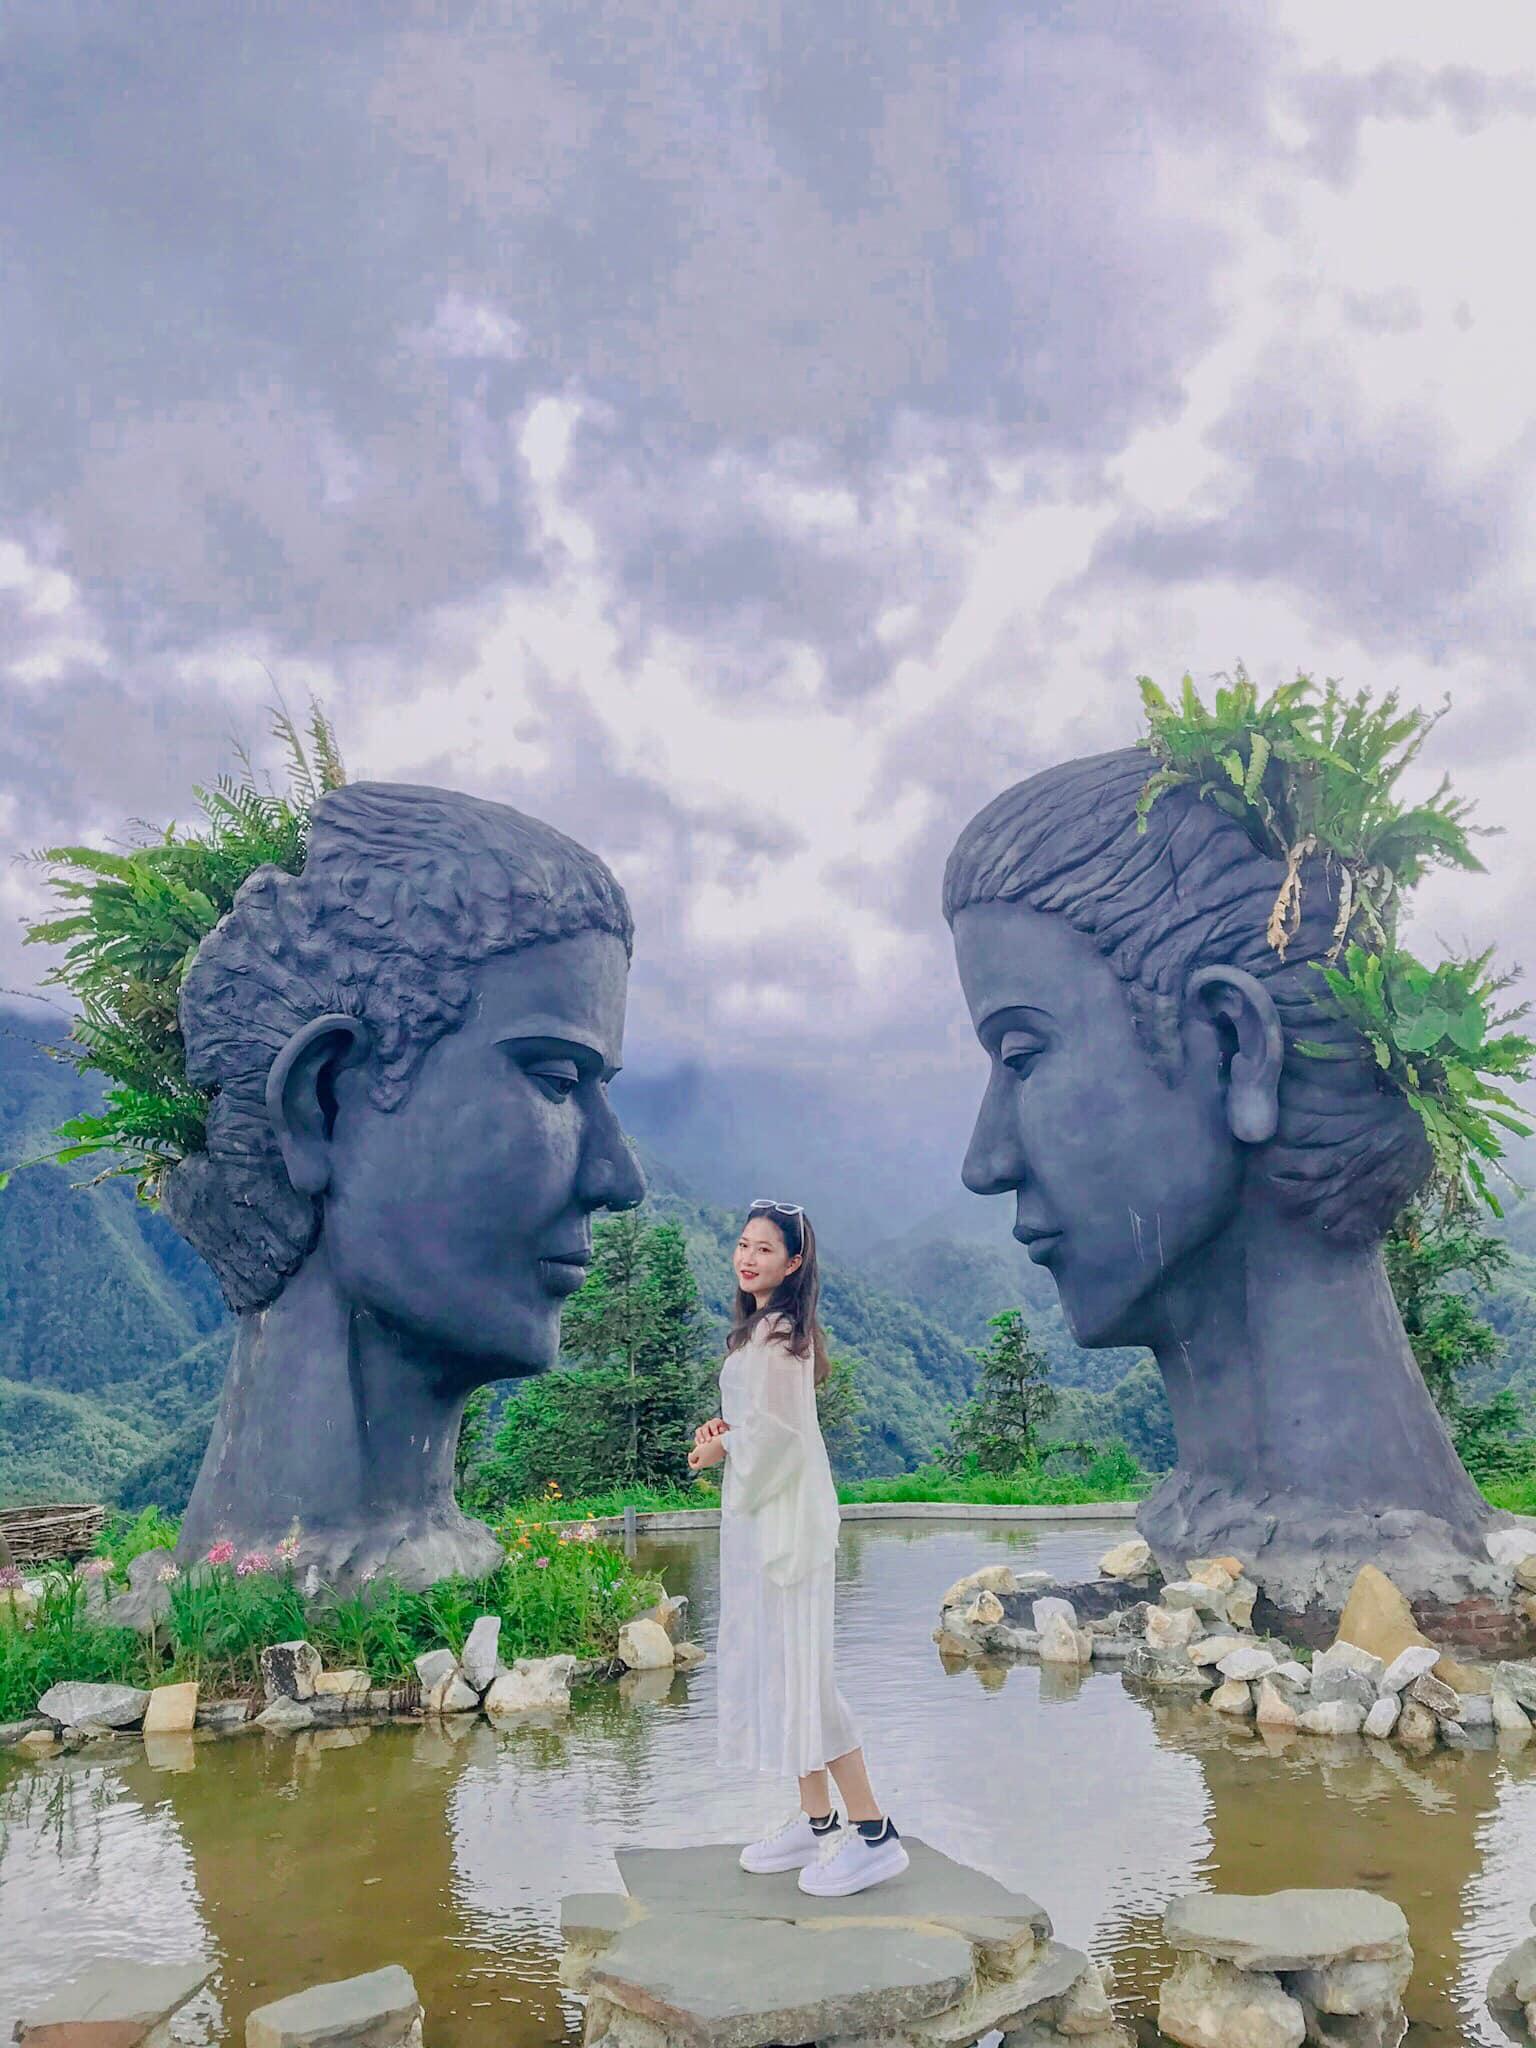 Tour du lịch Sapa khởi hành từ Hà Nội: Chi phí trọn gói chỉ từ 1,1 triệu đồng - Ảnh 14.